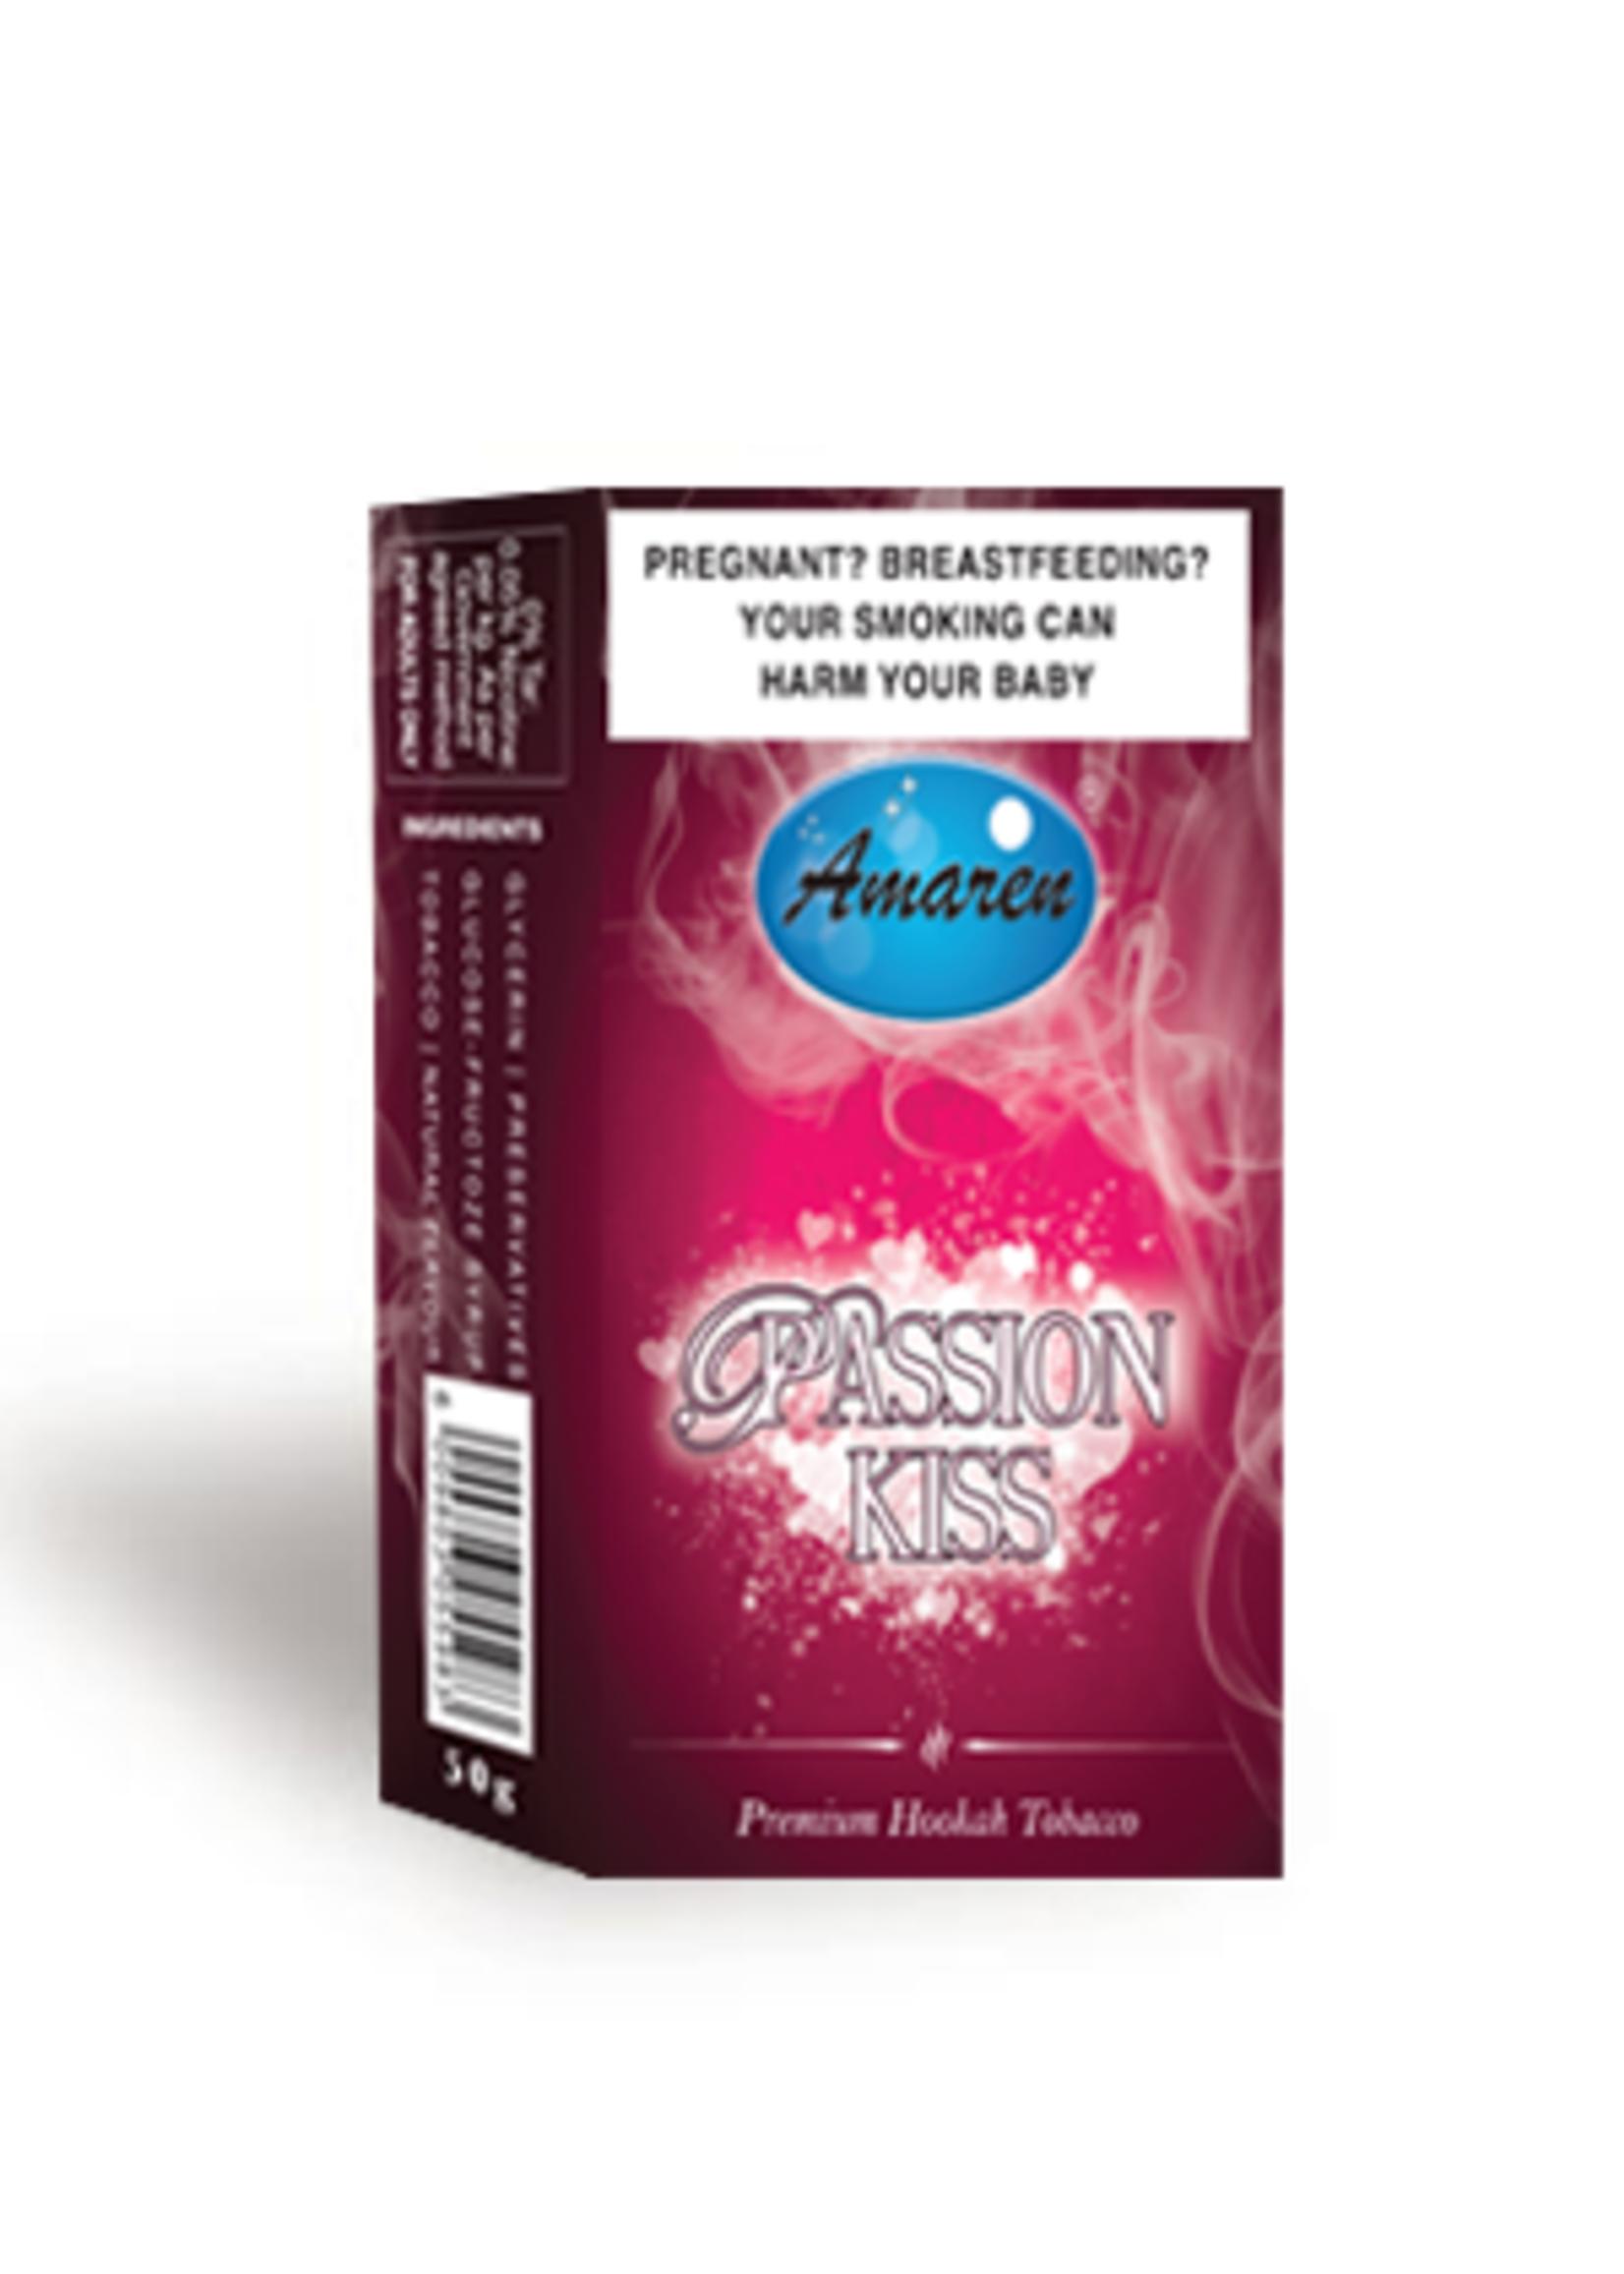 Amaren hubbly flavour - passion kiss